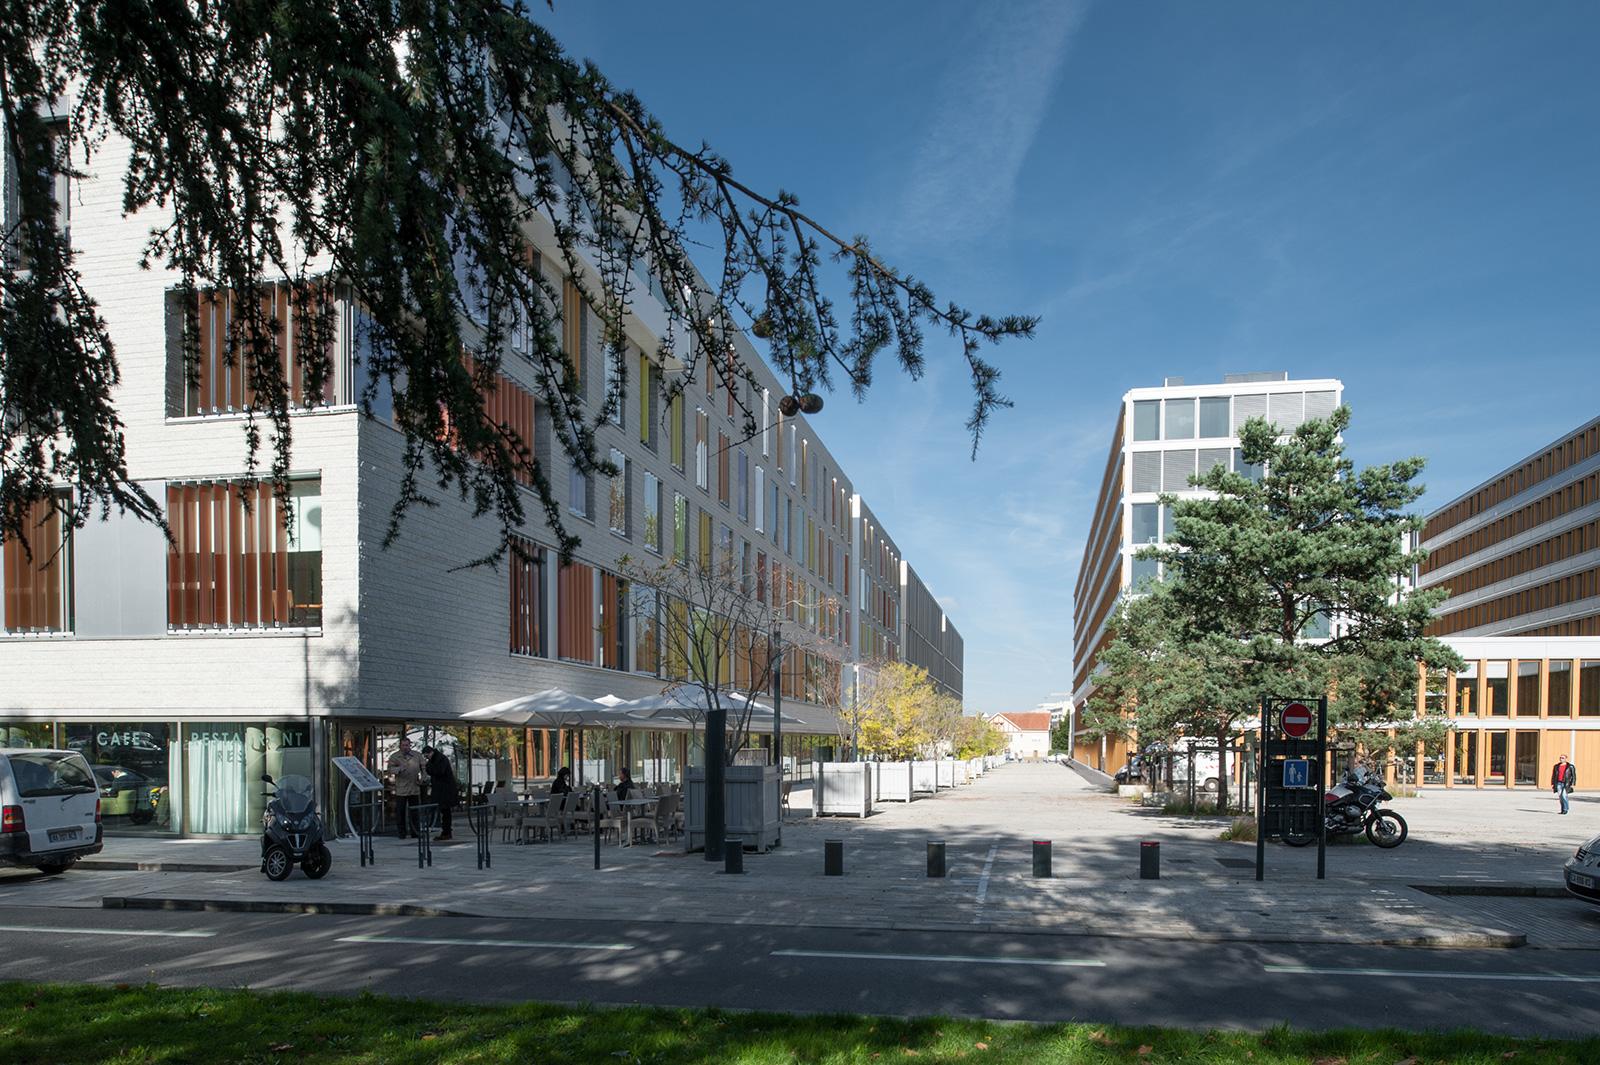 Les immeubles tertiaires en fond de place – architectes : Gaudin  (1er plan gauche), Cras (2ème plan gauche), Berger (droite)